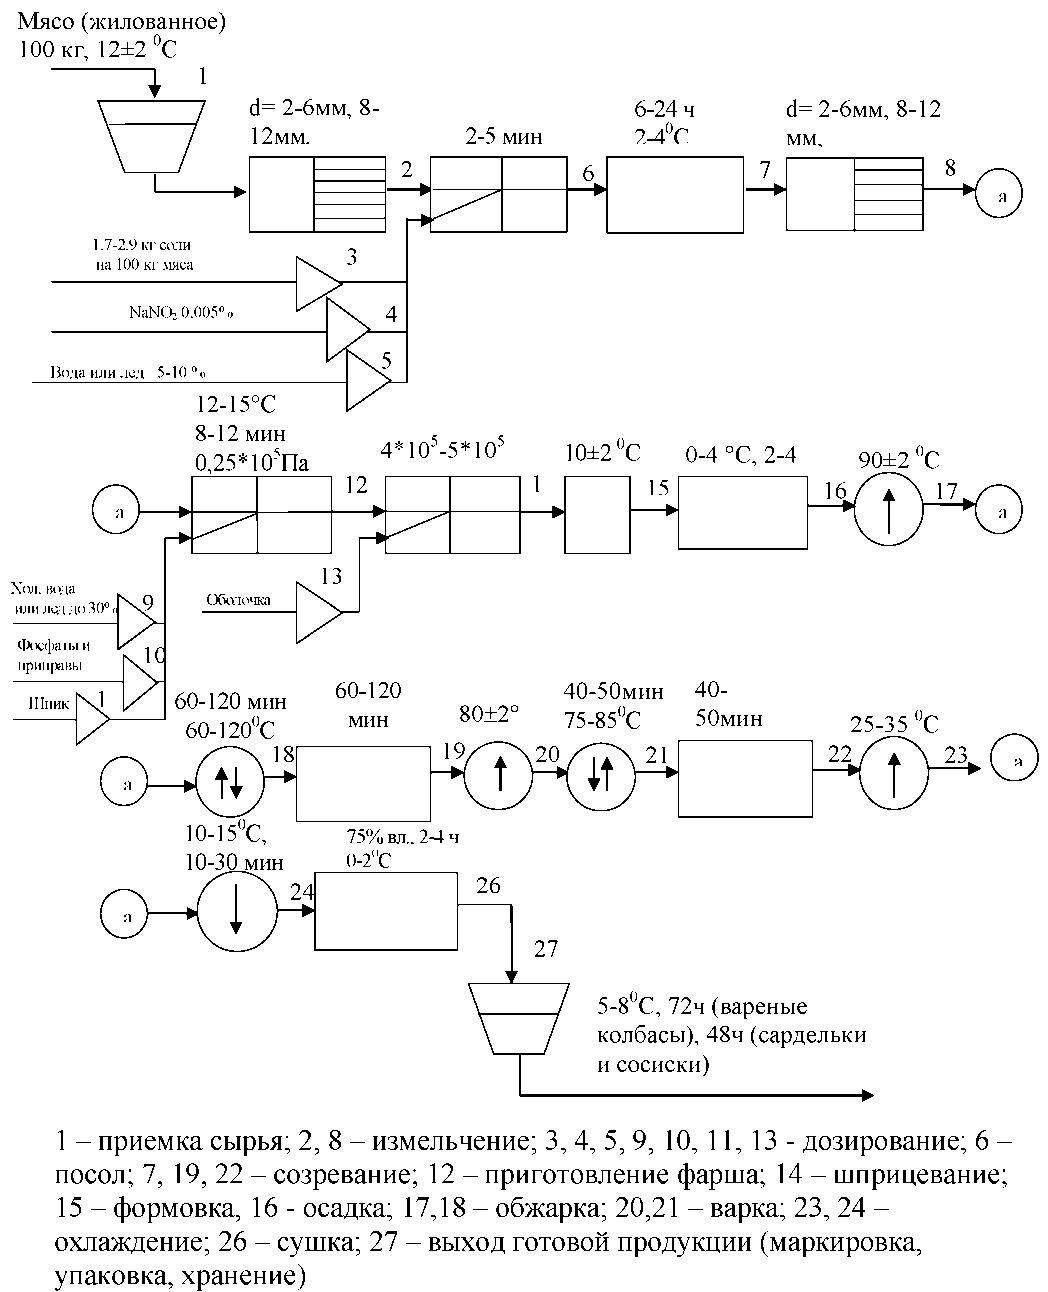 Организация производства контроля колбасных изделий